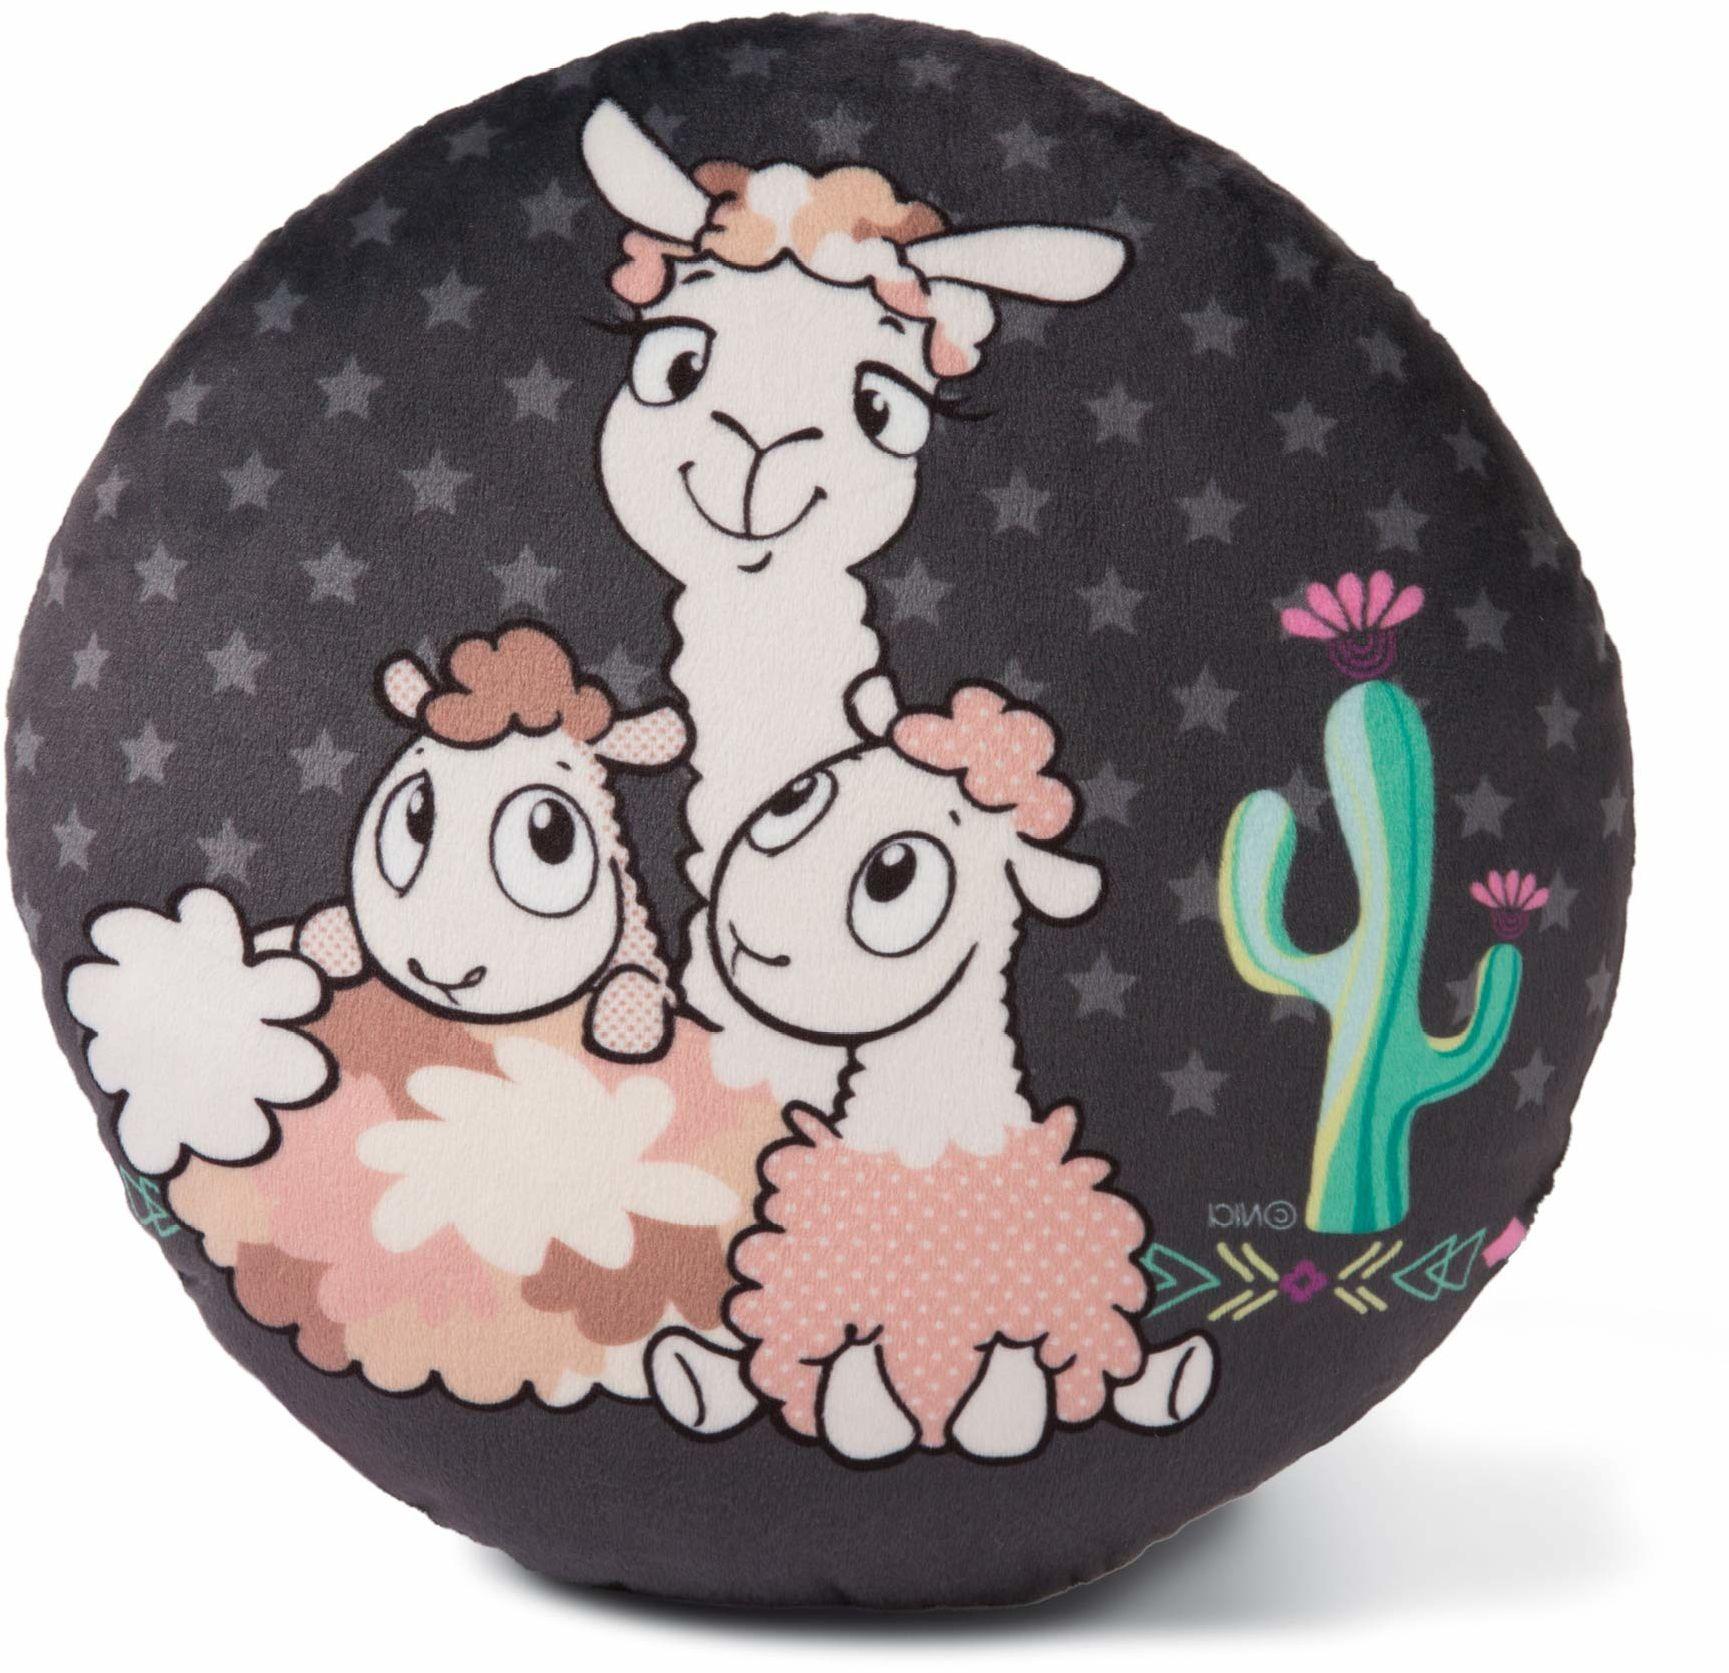 NICI Poduszka przytulanka Lama-Babs, poduszka do przytulania dla chłopców, dziewczynek i niemowląt, puszysty pluszowy zwierzak, przytulna poduszka od 0 miesięcy I 45411, czarna/kolorowa, Ø 28 cm